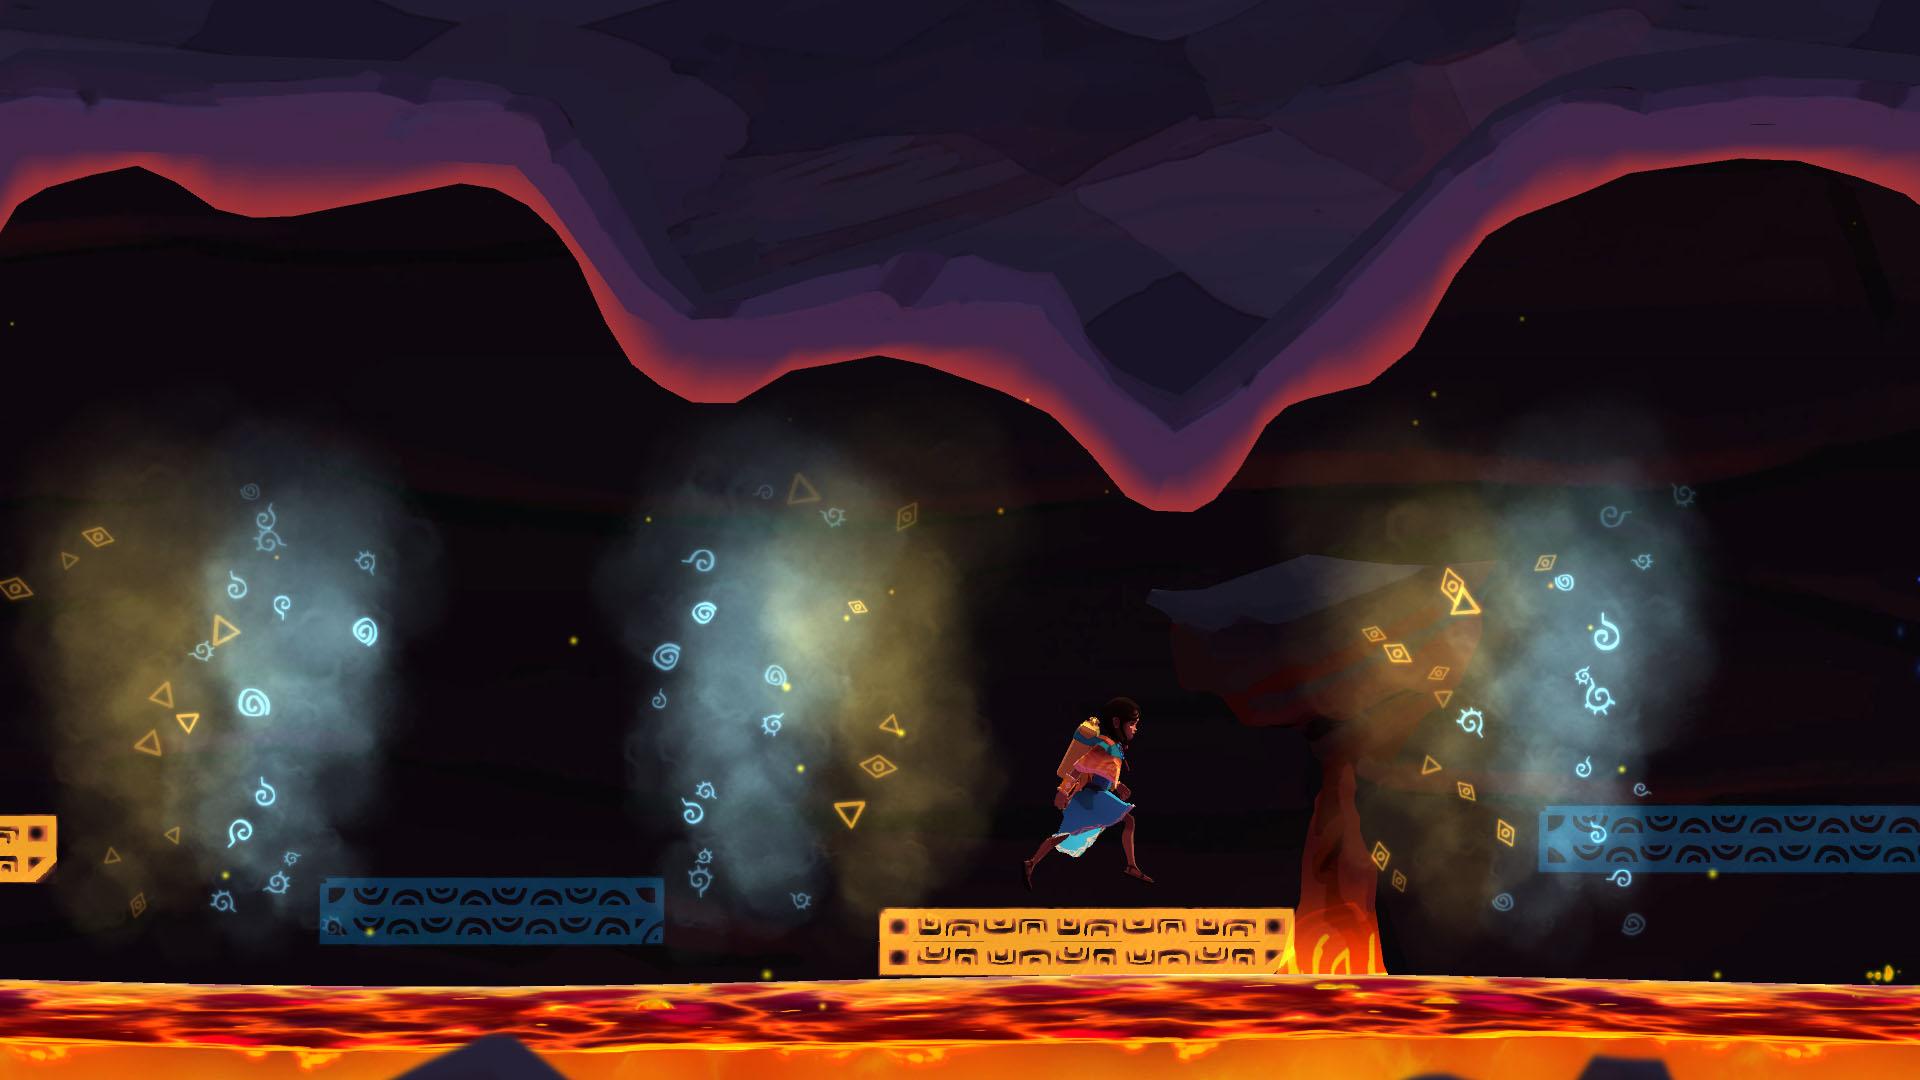 Imagem de Ayo A Rain Tale, jogo indie de plataforma produzido pela Inkline para divulgar o problema da seca na África Subsariana. A imagem mostra uma menina saltando por plataformas coloridas sobre a lava.